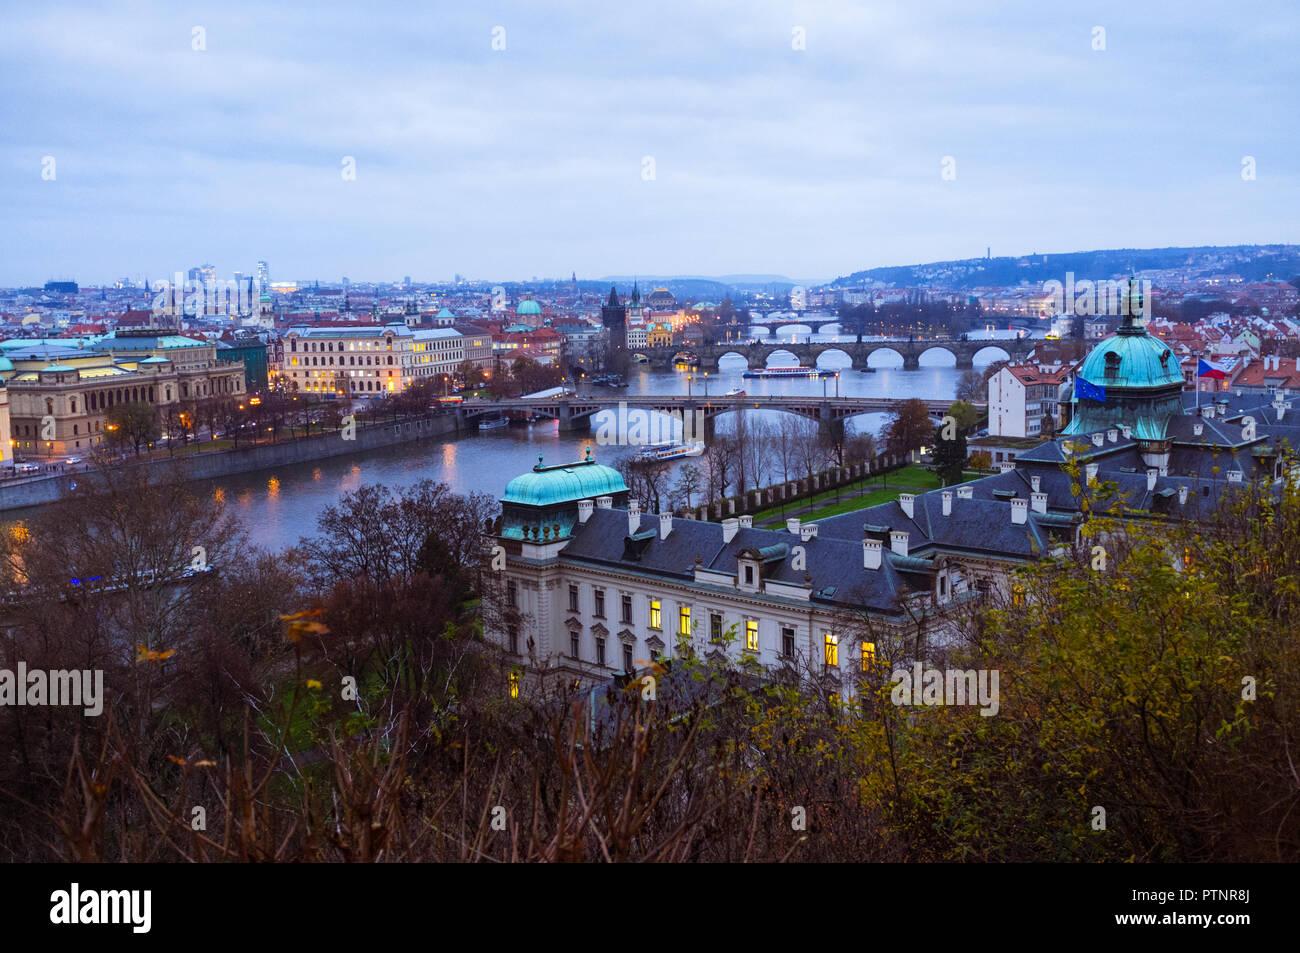 Prag, Tschechische Republik: Hohe Betrachtungswinkel der Brücken über die Moldau ab dem Letná Hügel gesehen. Stockfoto